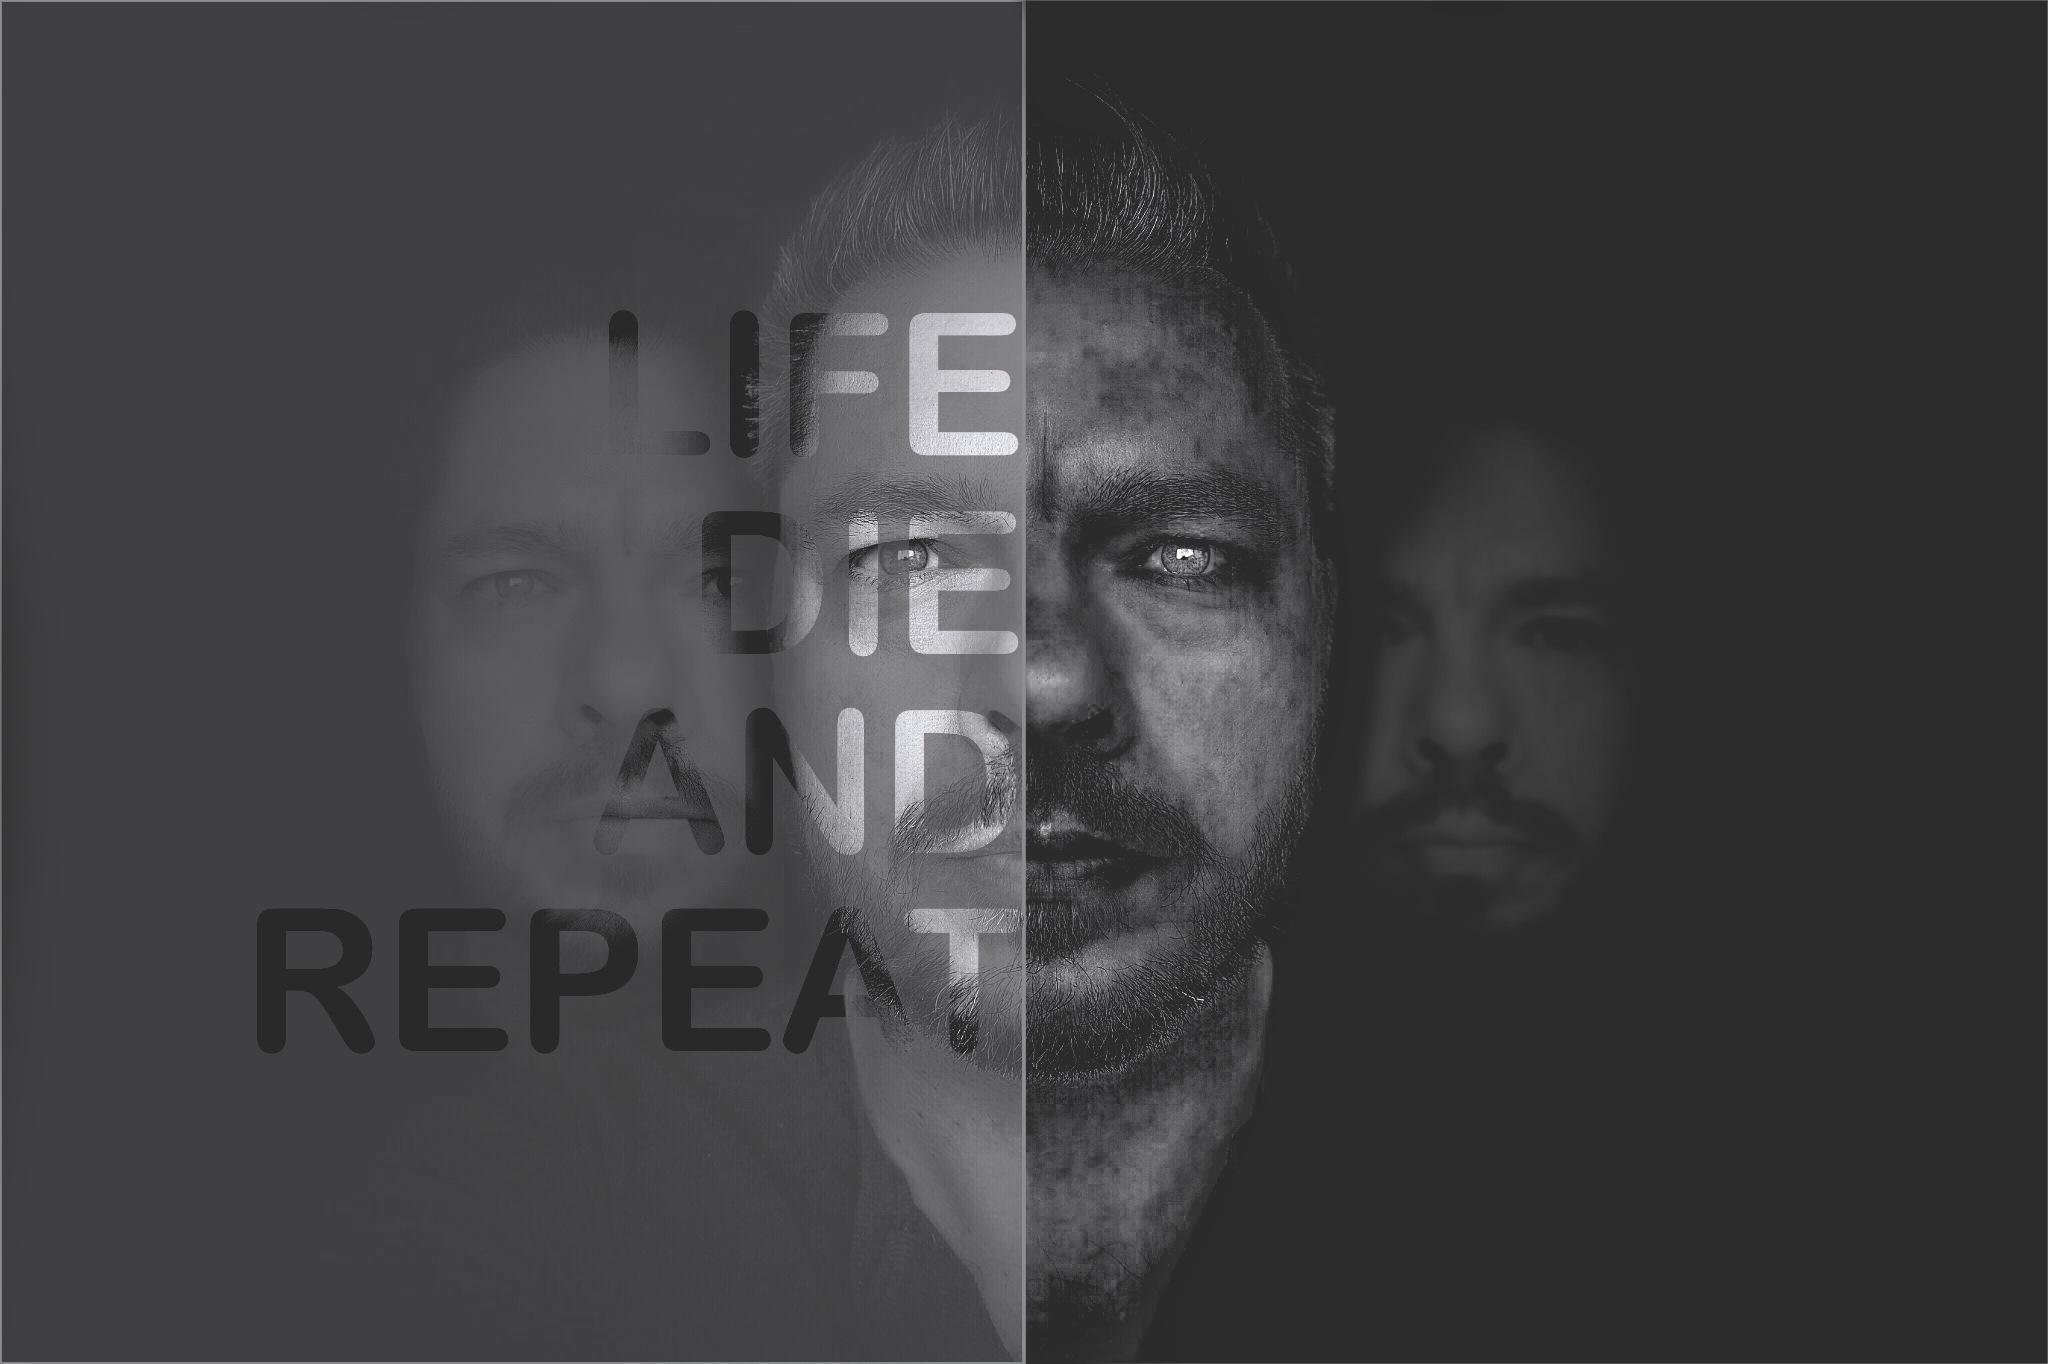 Life Die Repeat by photoesk.de